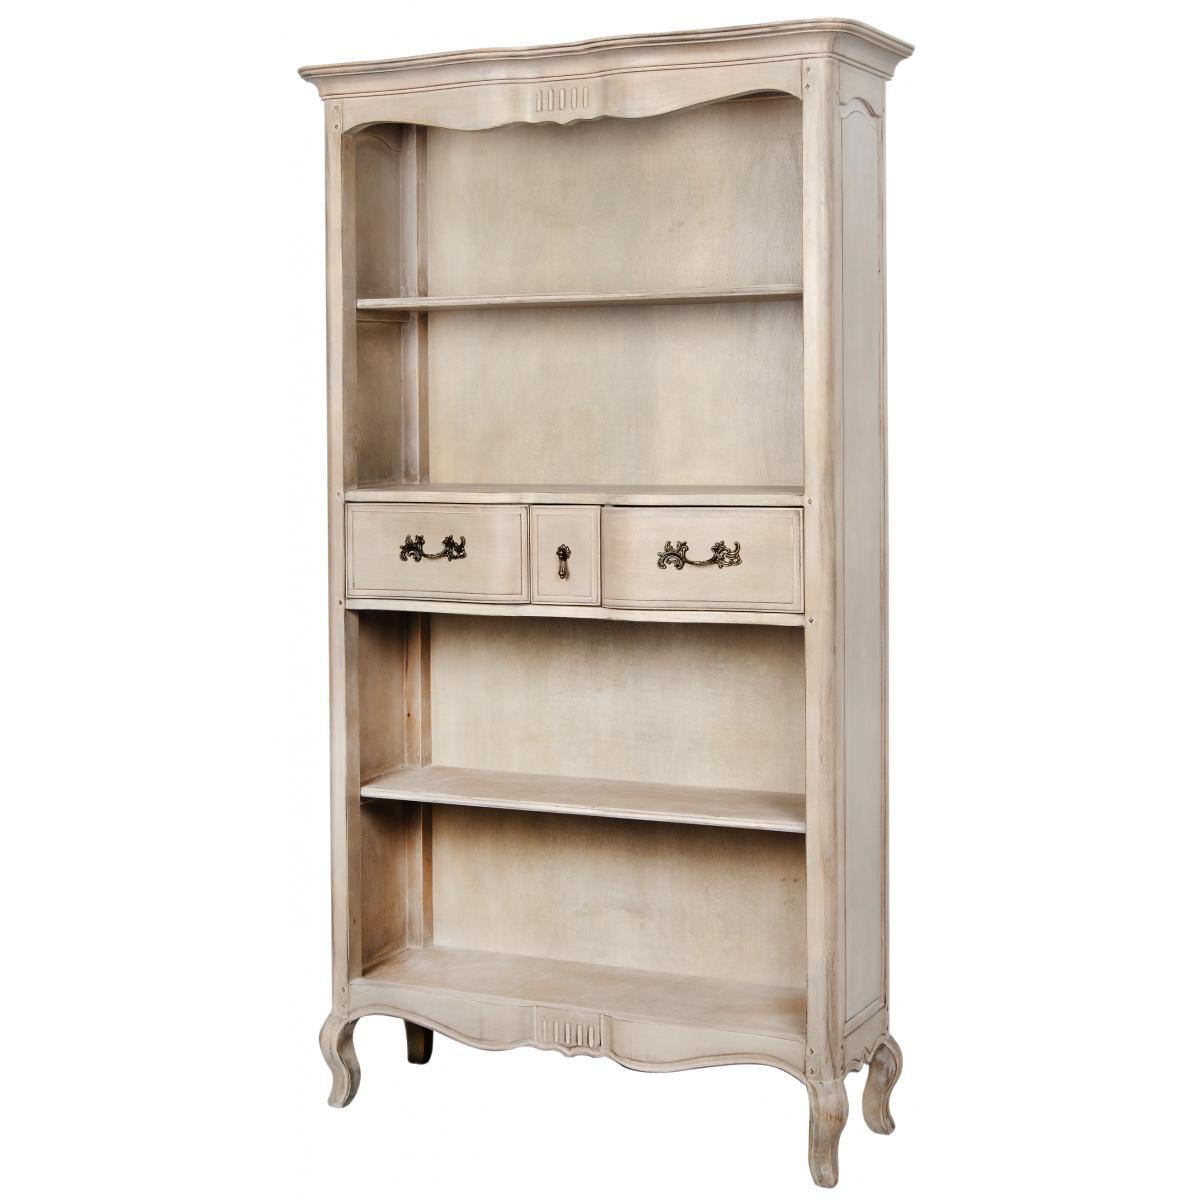 Biblioteca din lemn de mesteacan cu 3 sertare Venezia VE849K Beige, l112xA39xH195 cm imagine